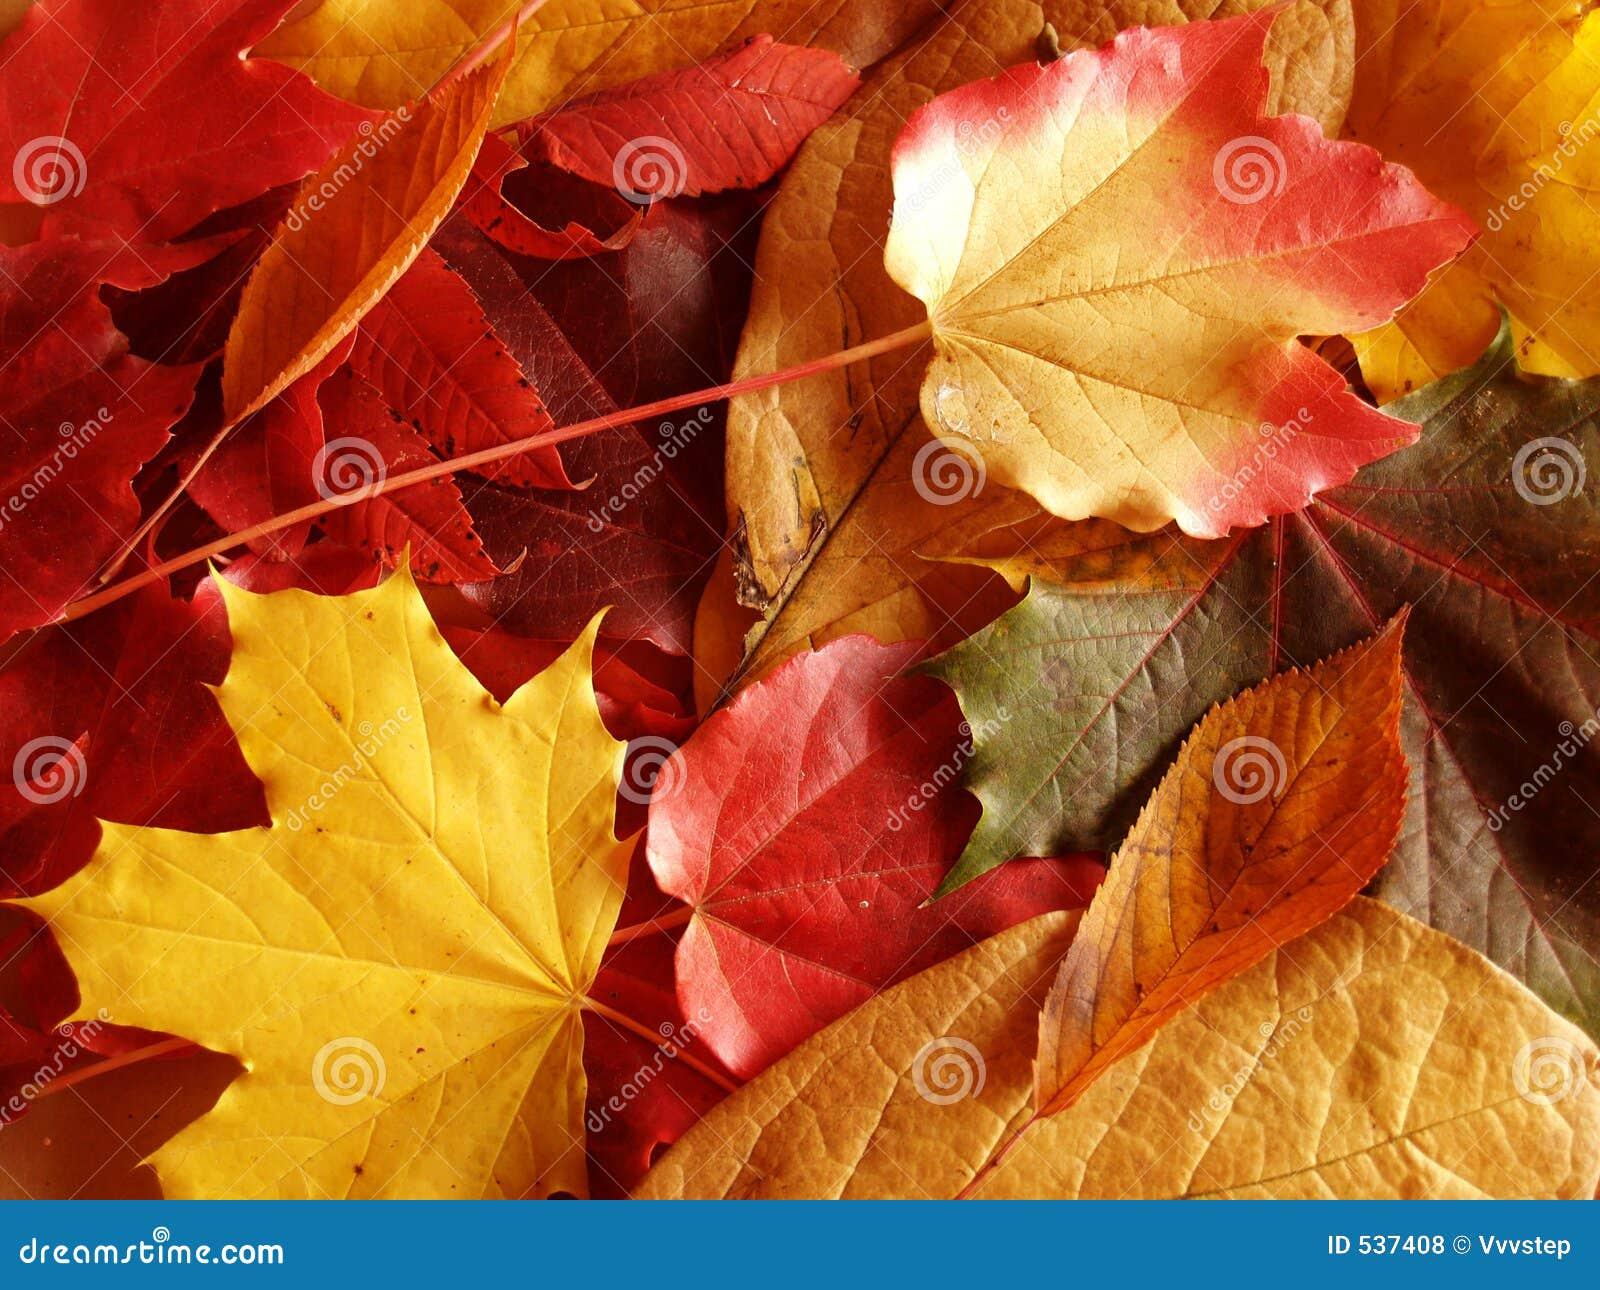 Download 秋叶 库存照片. 图片 包括有 本质, 叶子, 秋天, 红色, 工厂, 自治权, 柏油的, 衰老, 皇族, 颜色 - 537408